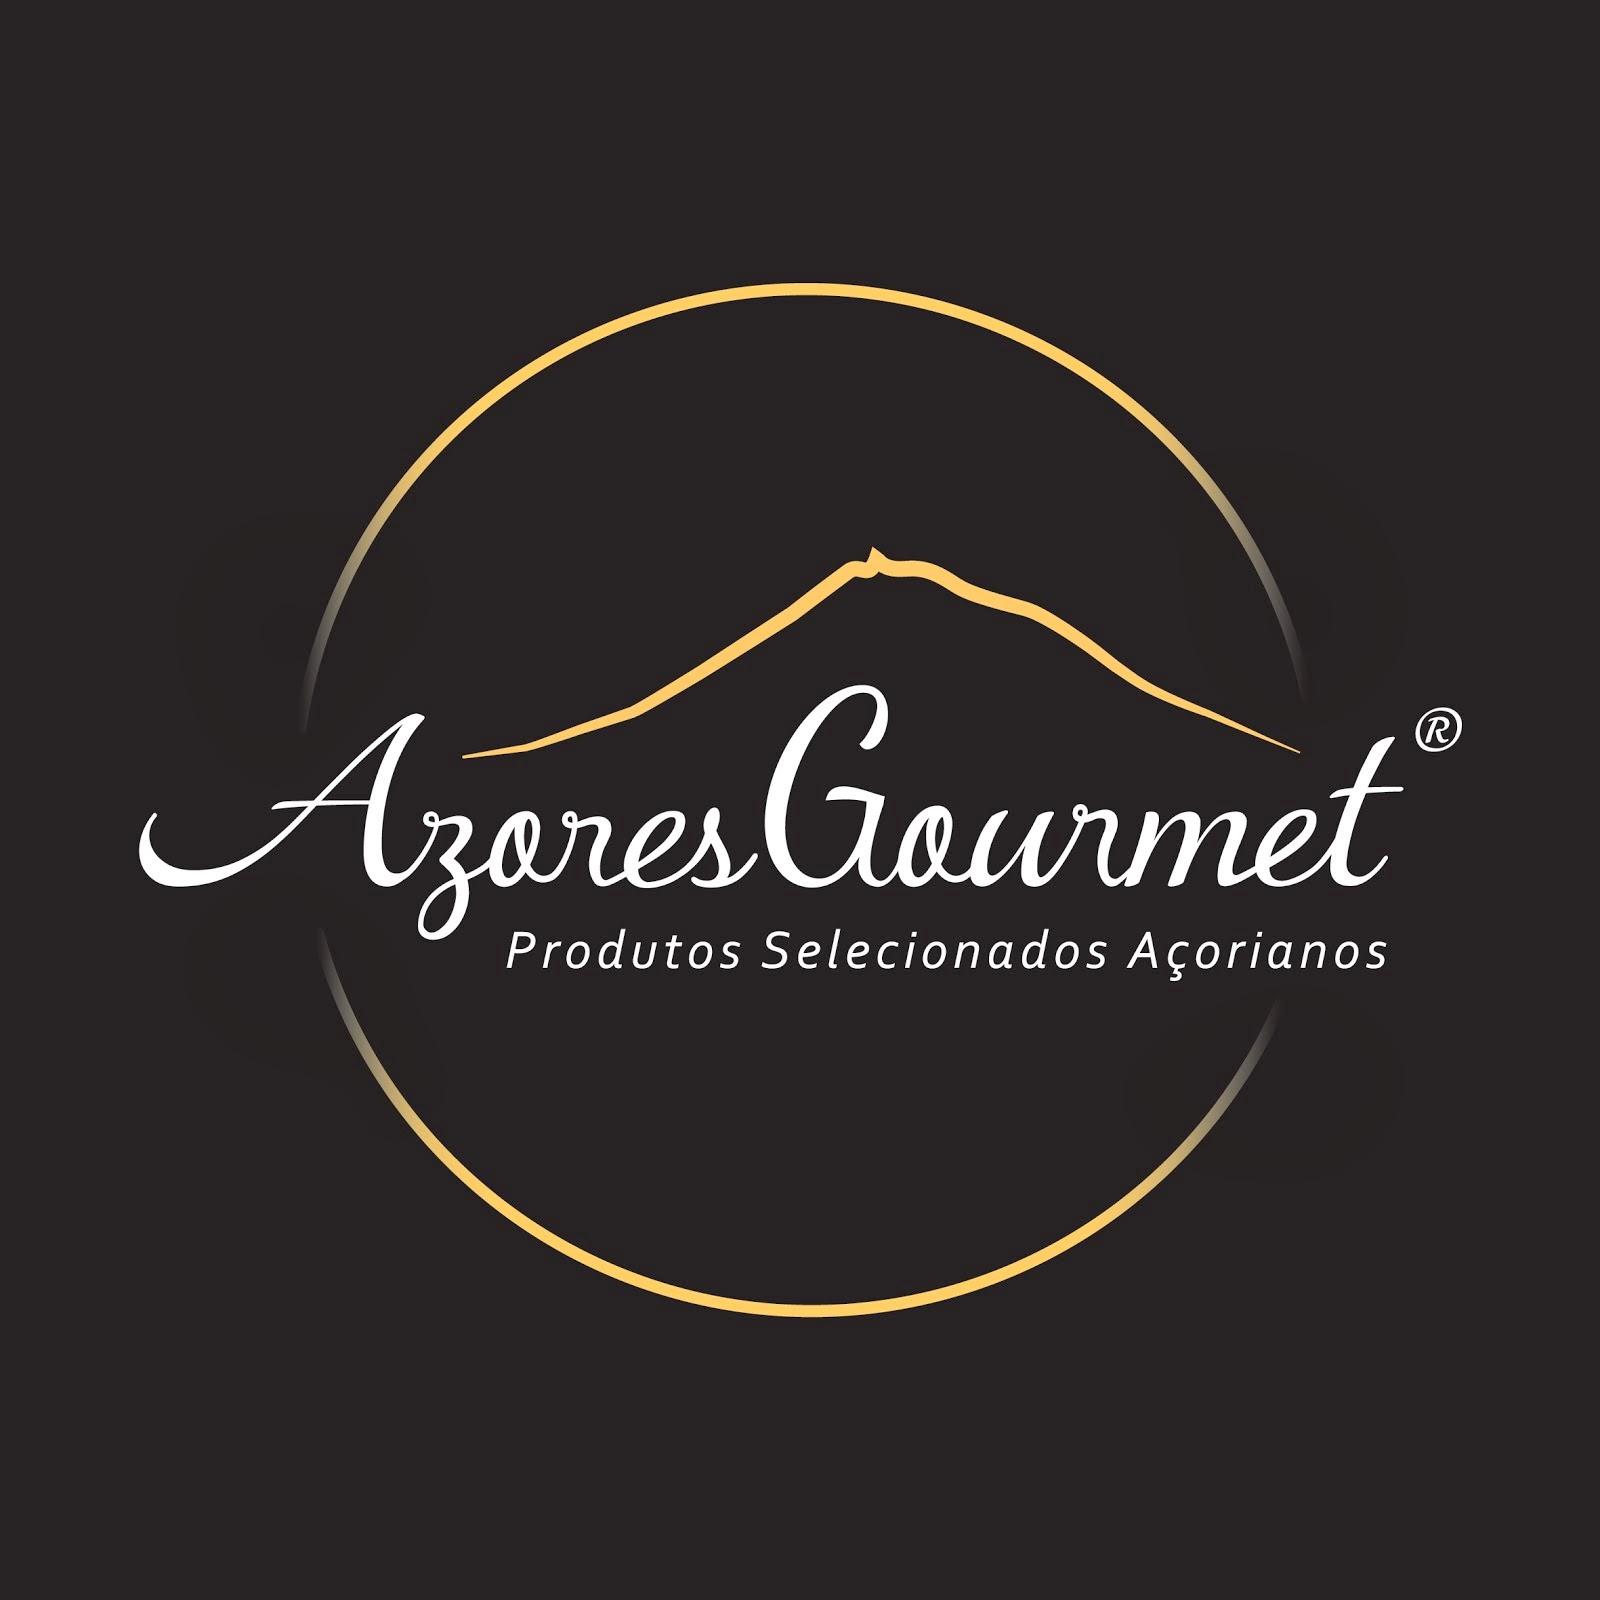 Parceria Azores Gourmet